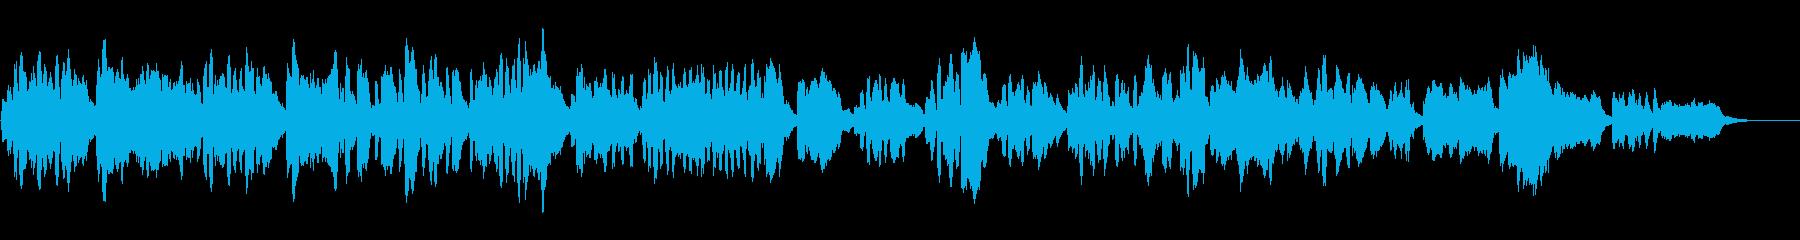 バロック風リコーダー四重奏の再生済みの波形